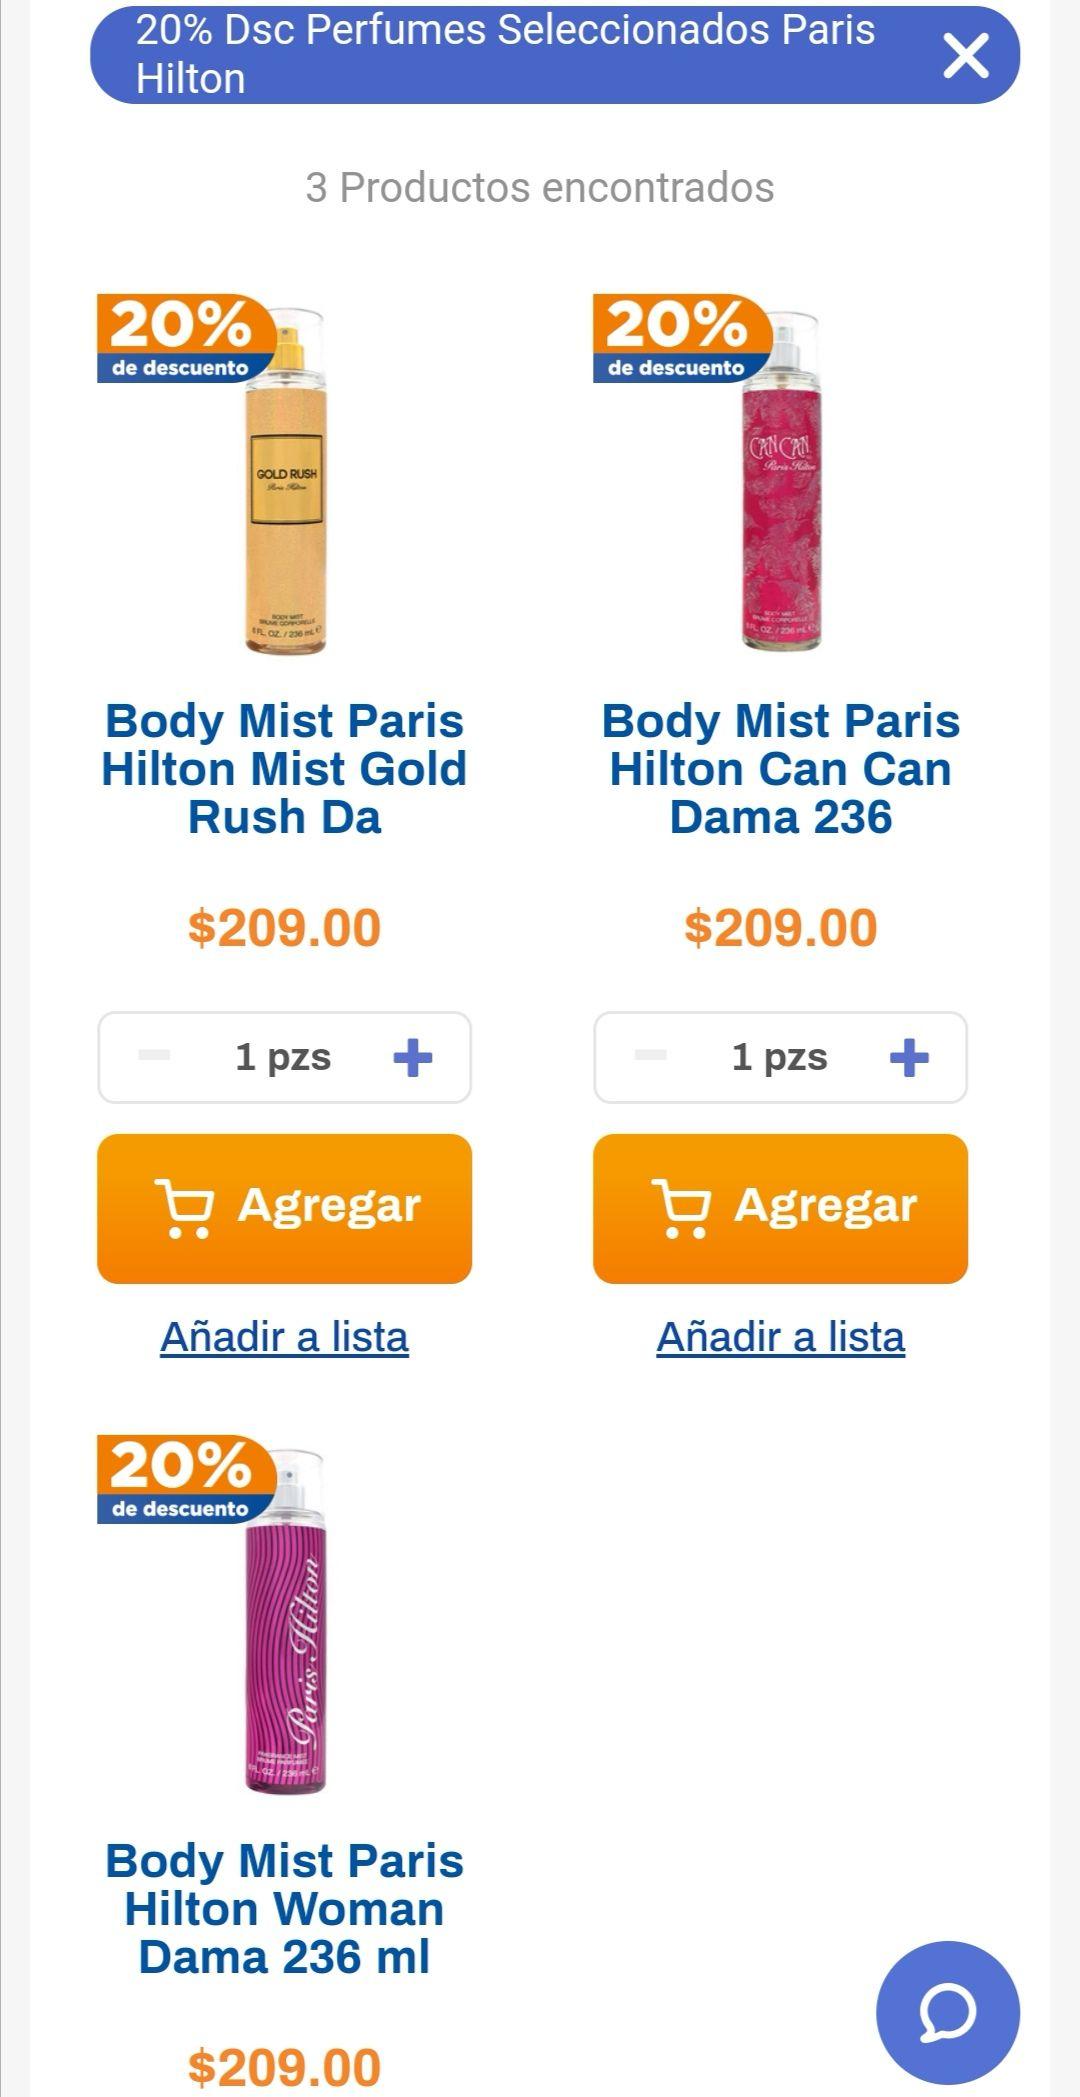 Chedraui: 20% de descuento en perfumes Paris Hilton seleccionados